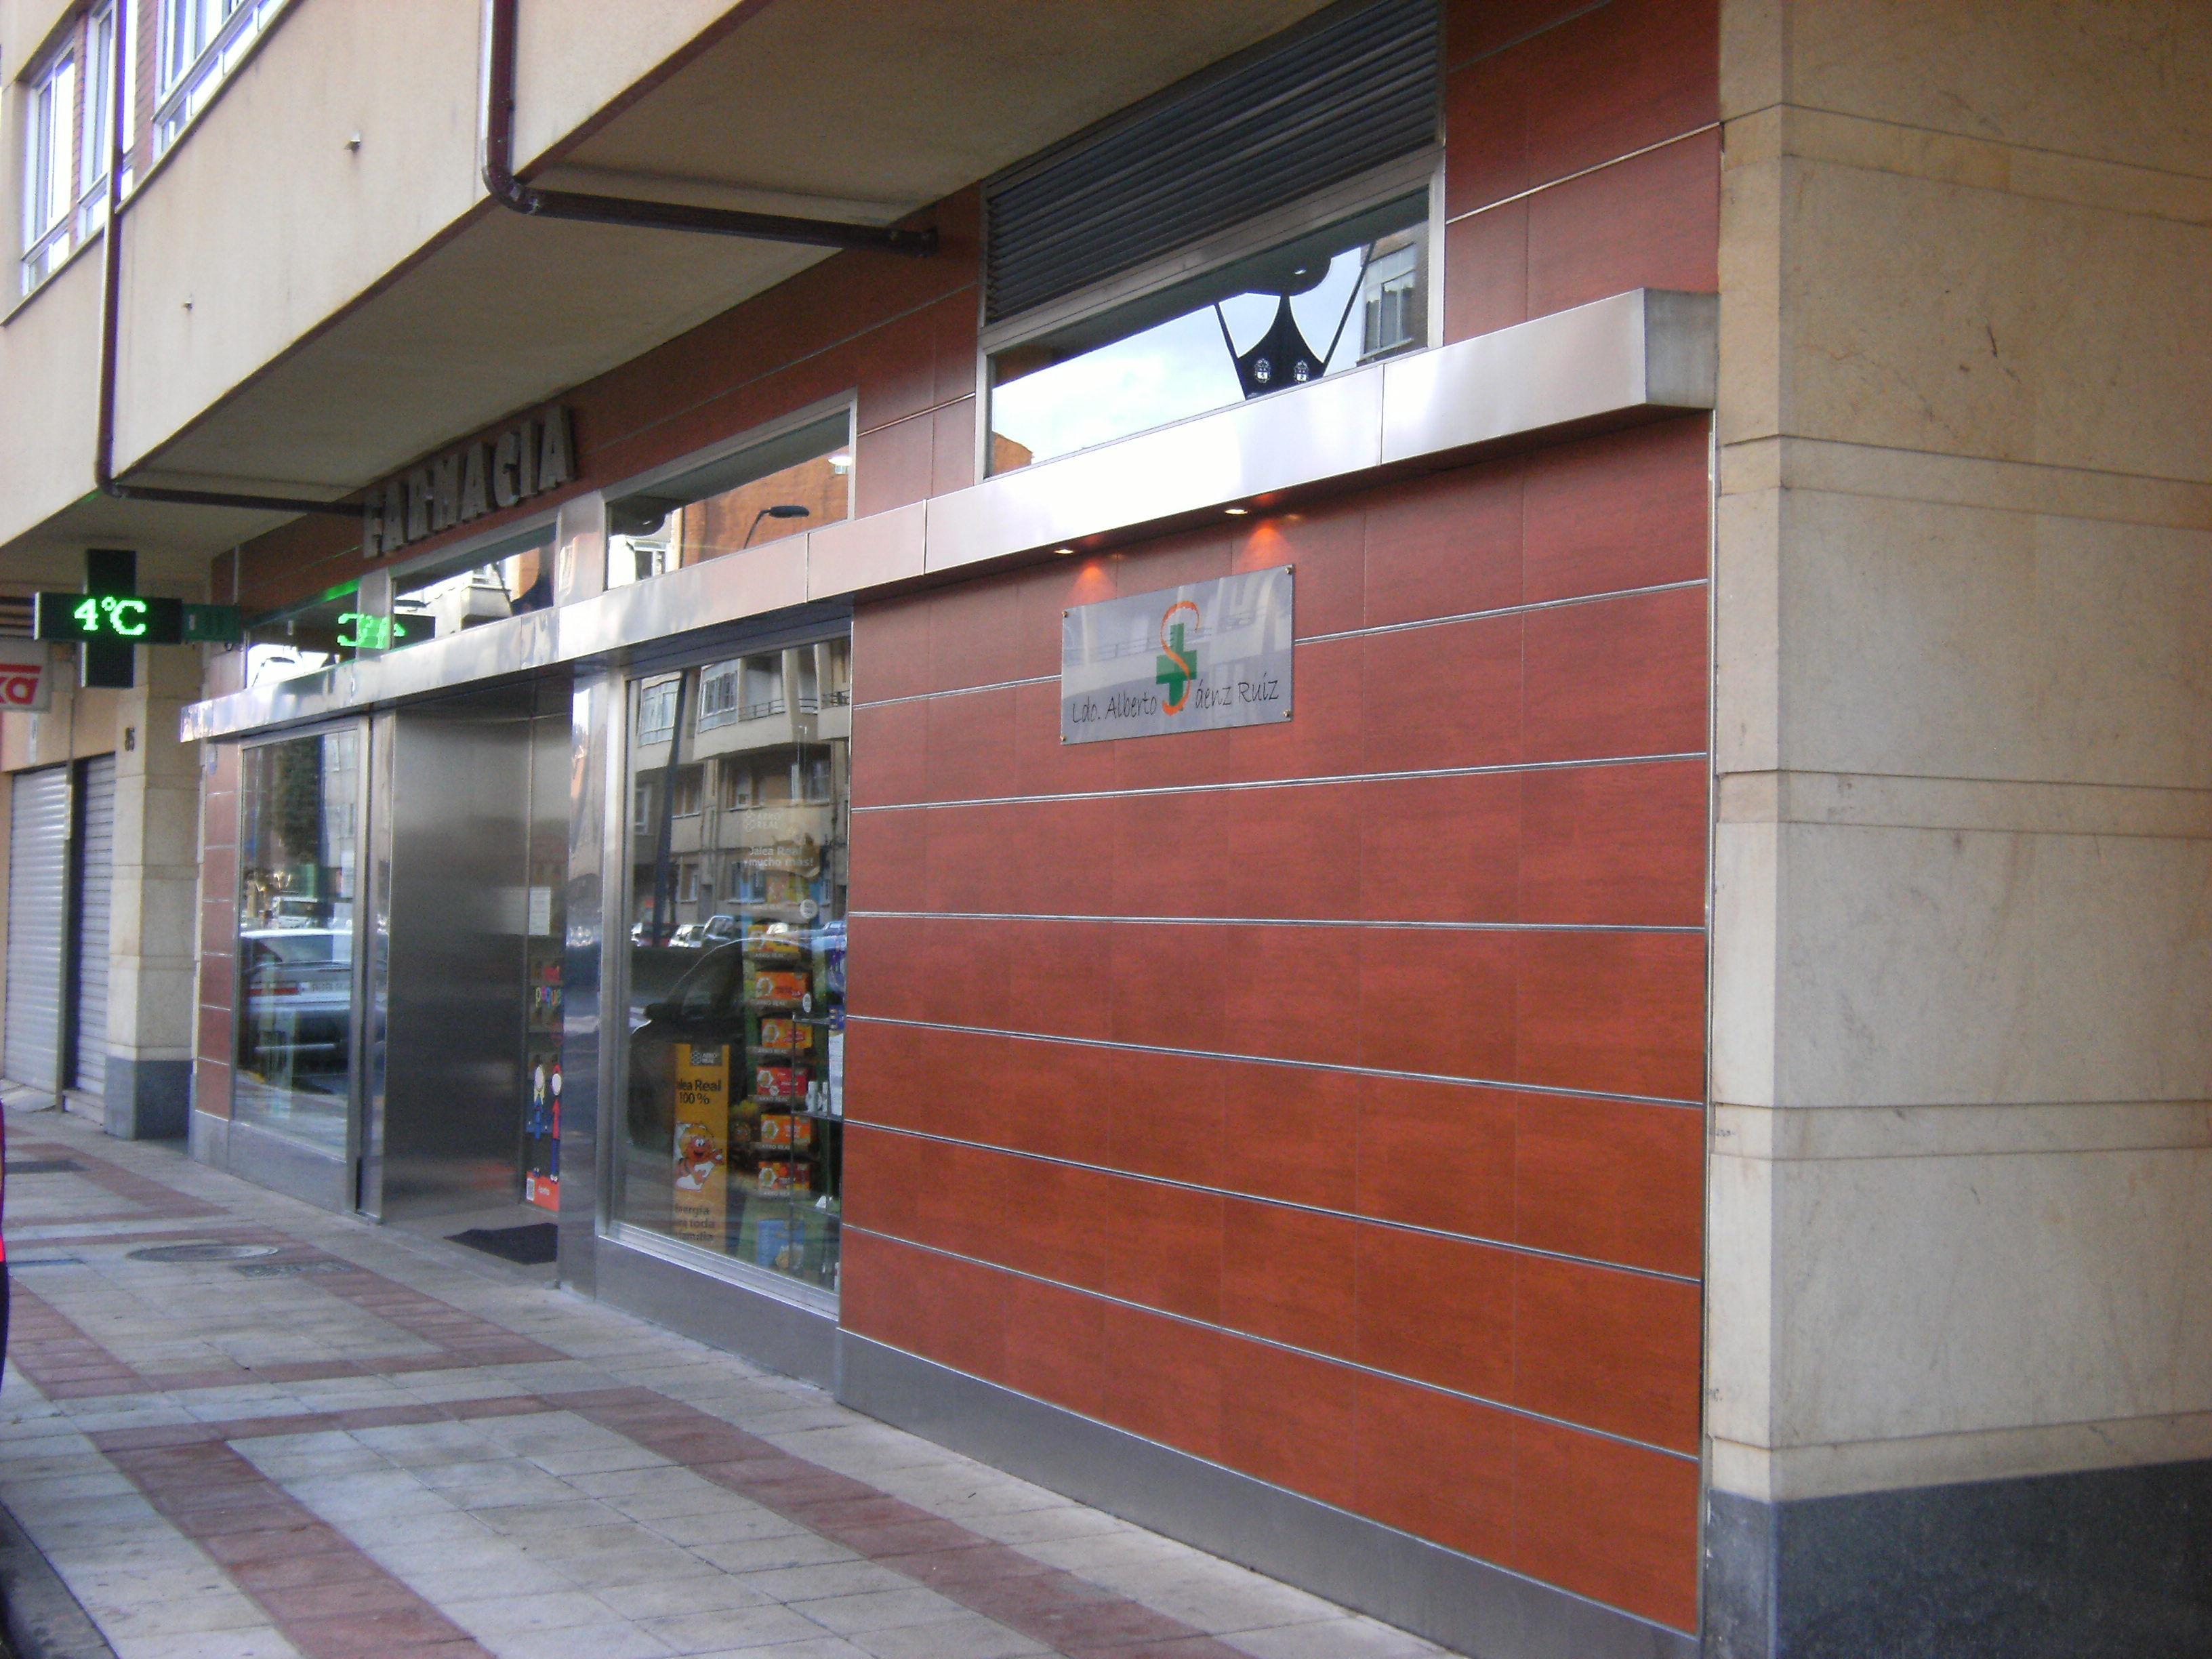 Foto 4 de Farmacias en San Andrés del Rabanedo | Farmacia Ldo. Alberto Sáenz Ruiz